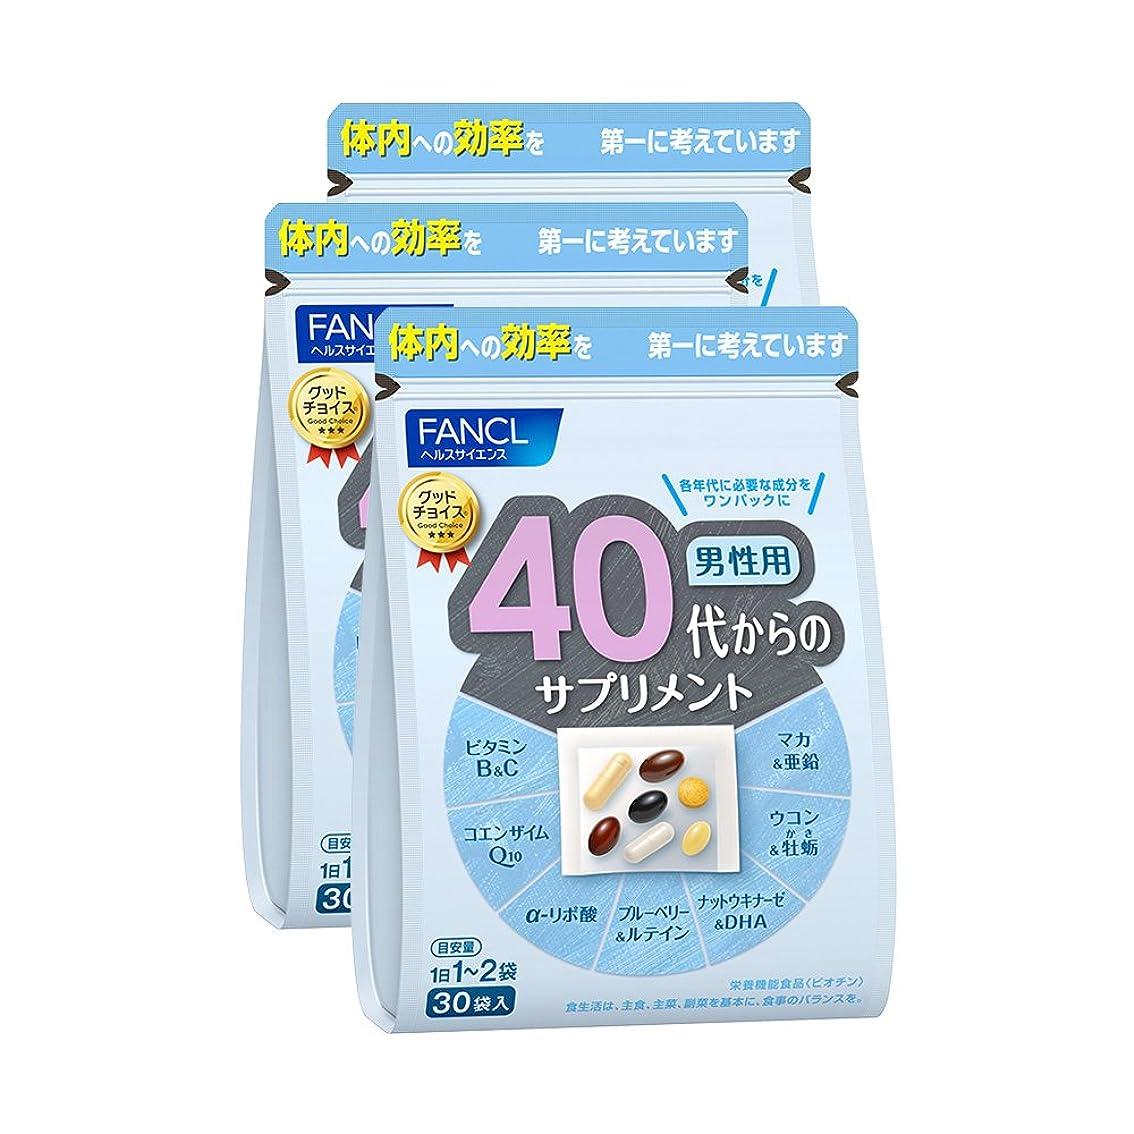 辛い理論好きであるファンケル (FANCL) 40代からのサプリメント男性用 徳用3袋セット (45~90日分)